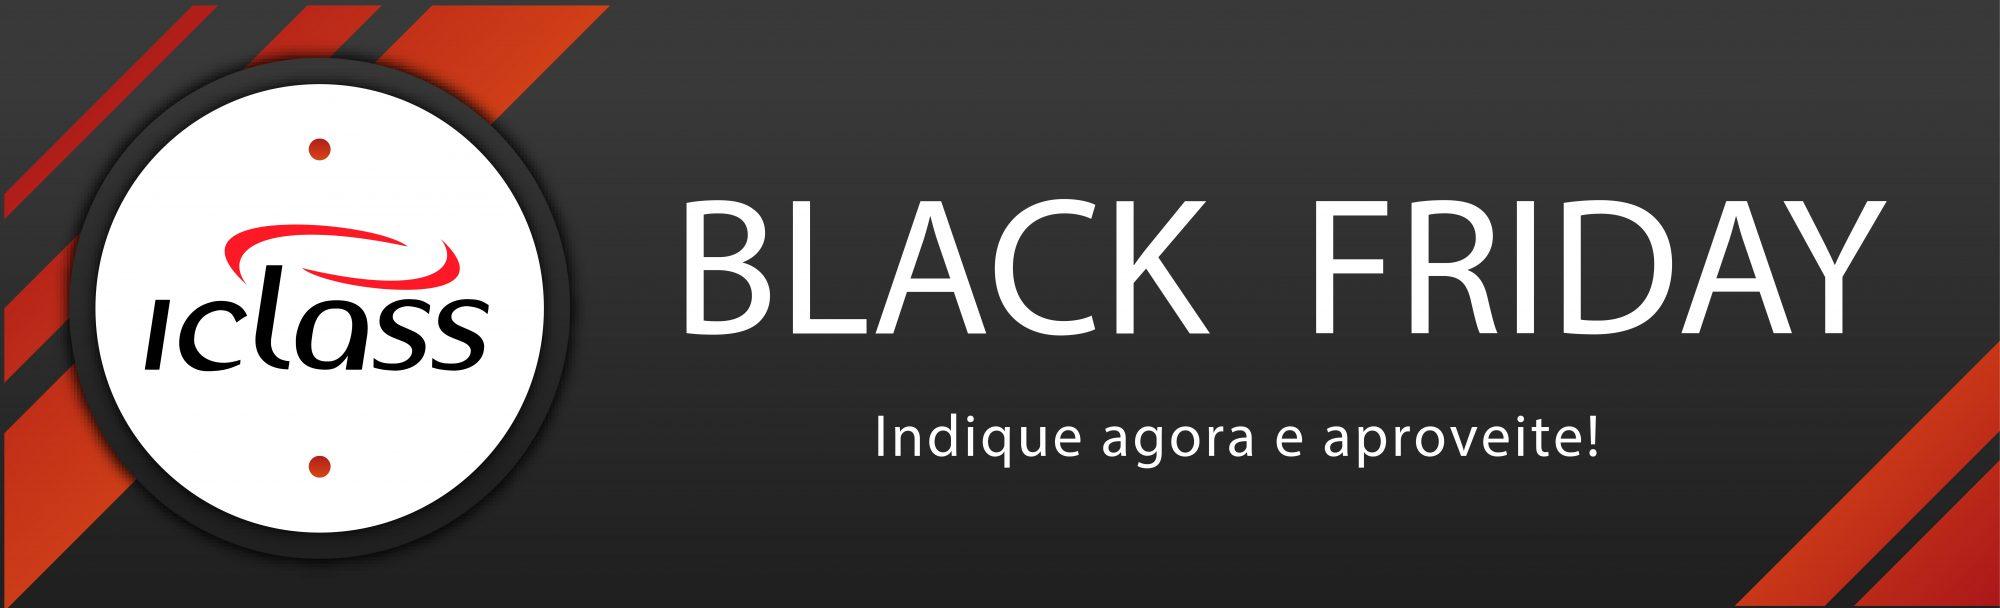 Black Friday 2018 06 min 1 Black Friday 2018 06 min